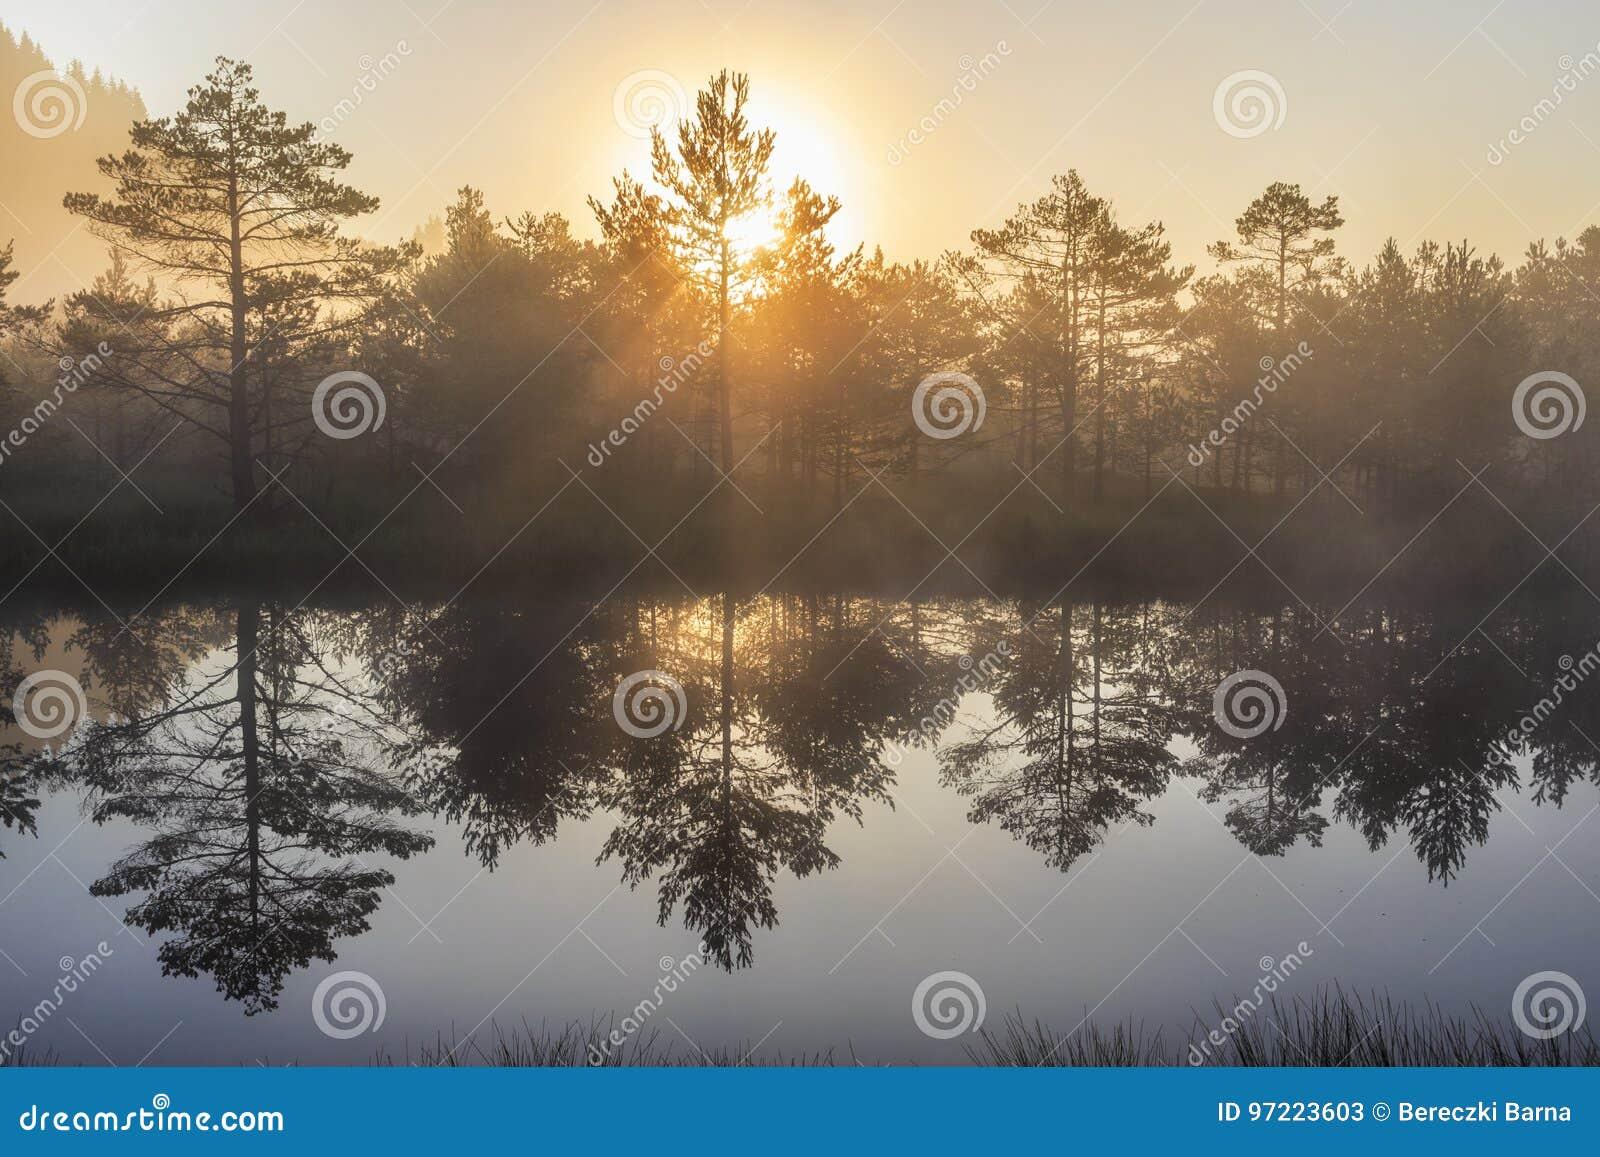 Sunrise in the misty bog during summer